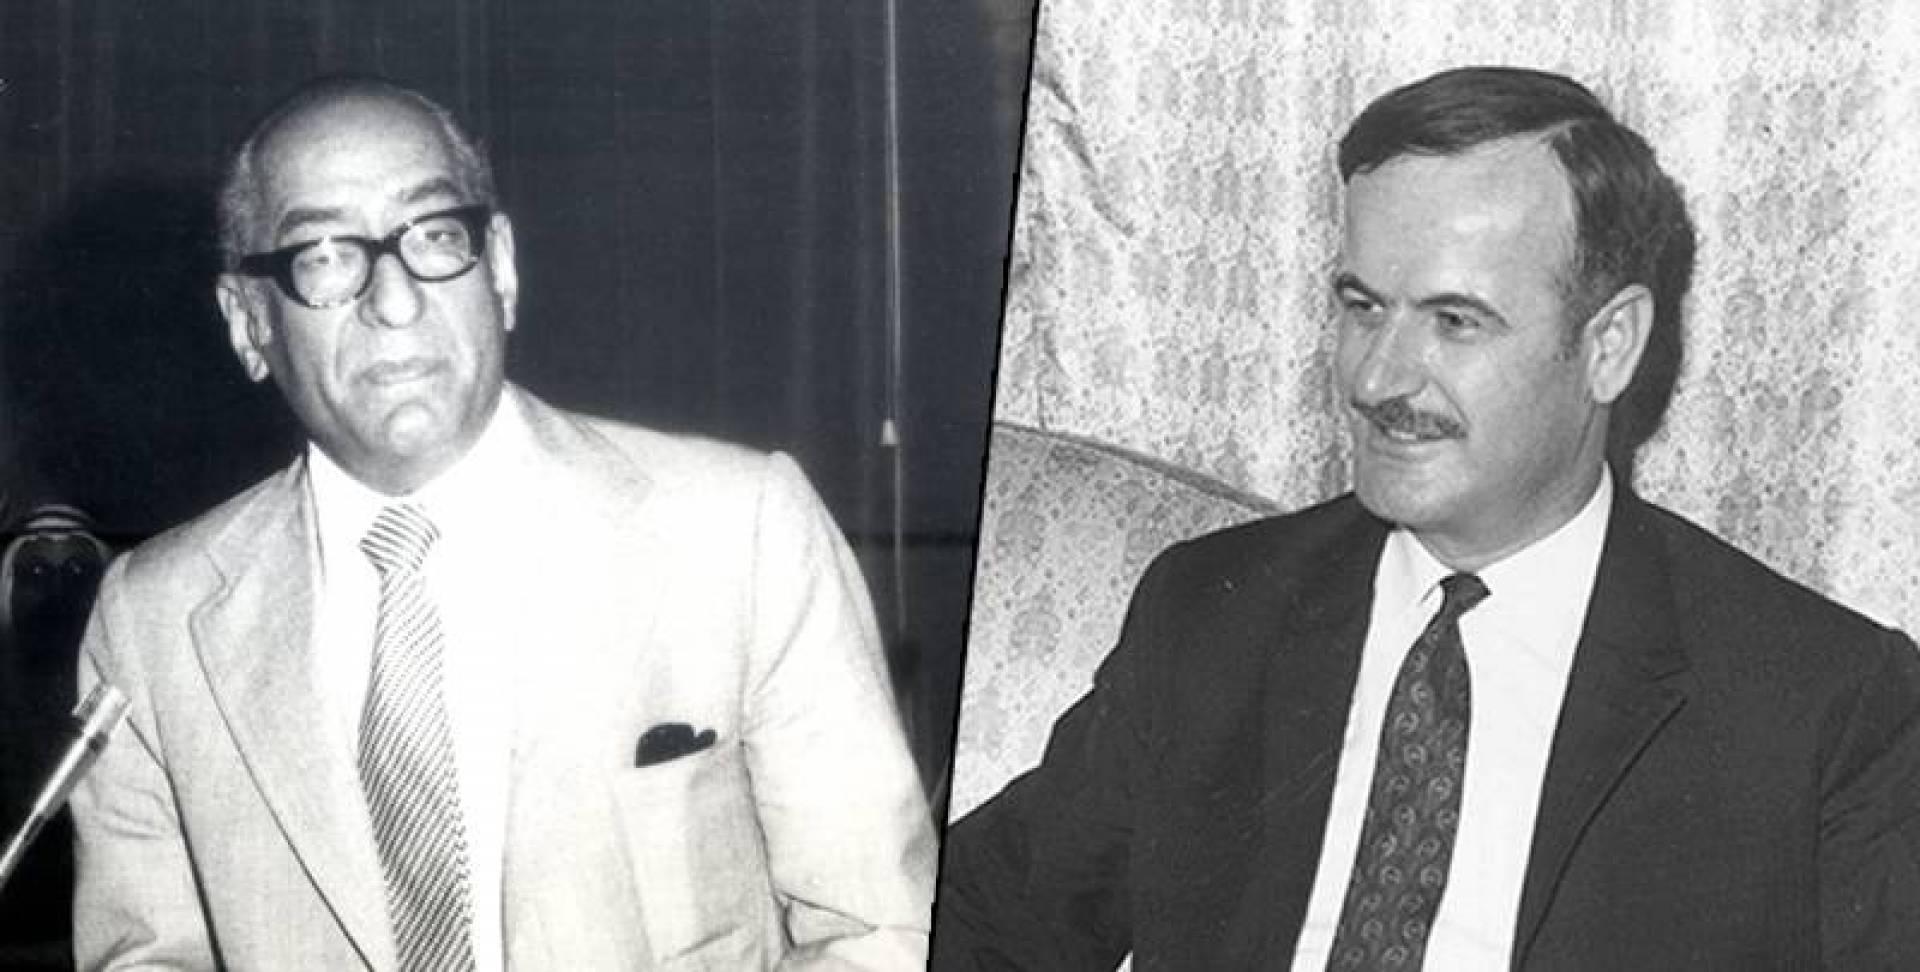 الرئيس الصوري حافظ الأسد وعبدالعزيز حسين وزير الدولة لشؤون مجلس الوزراء الكويتي.. صورة أرشيفية